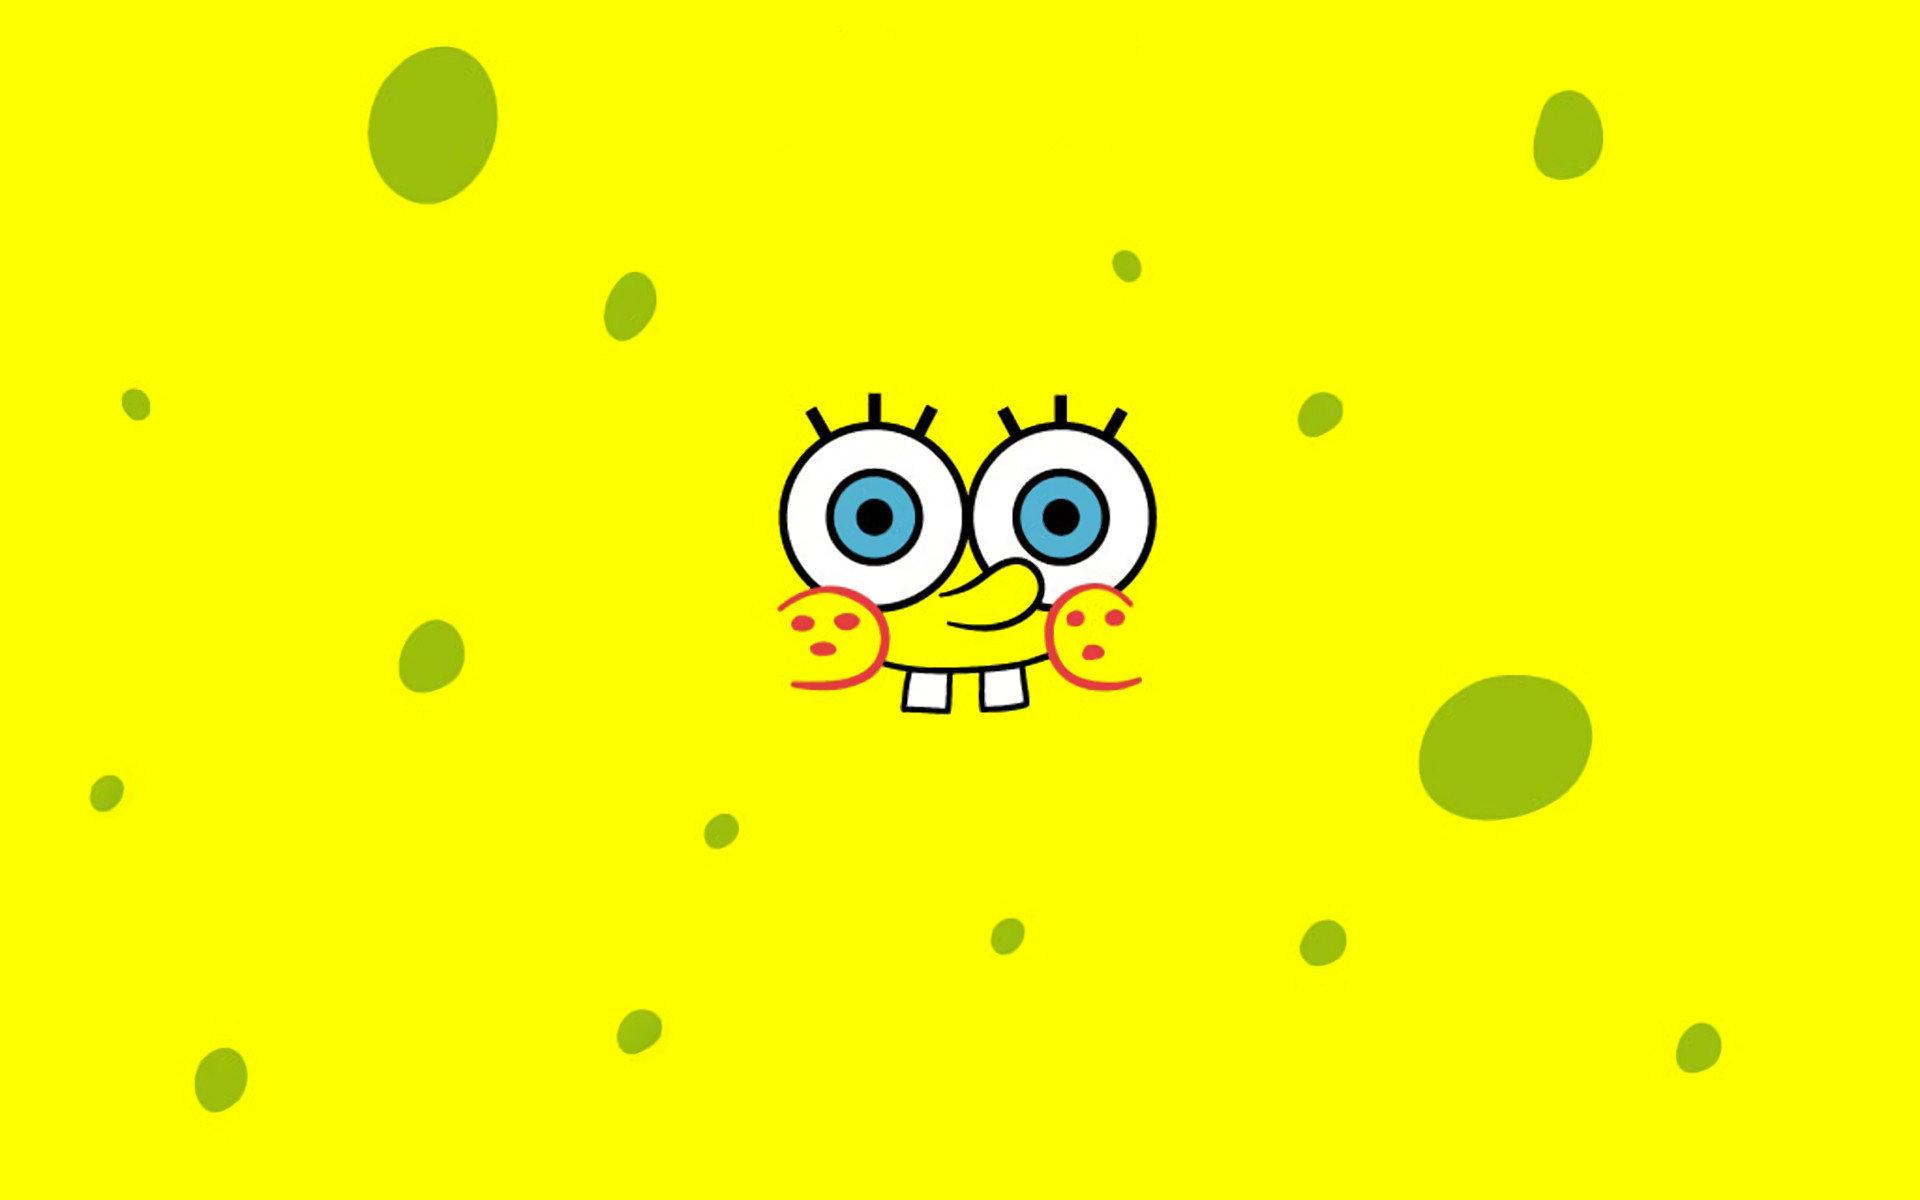 Squarepants Wallpaper For Desktop Spongebob Squarepants Images